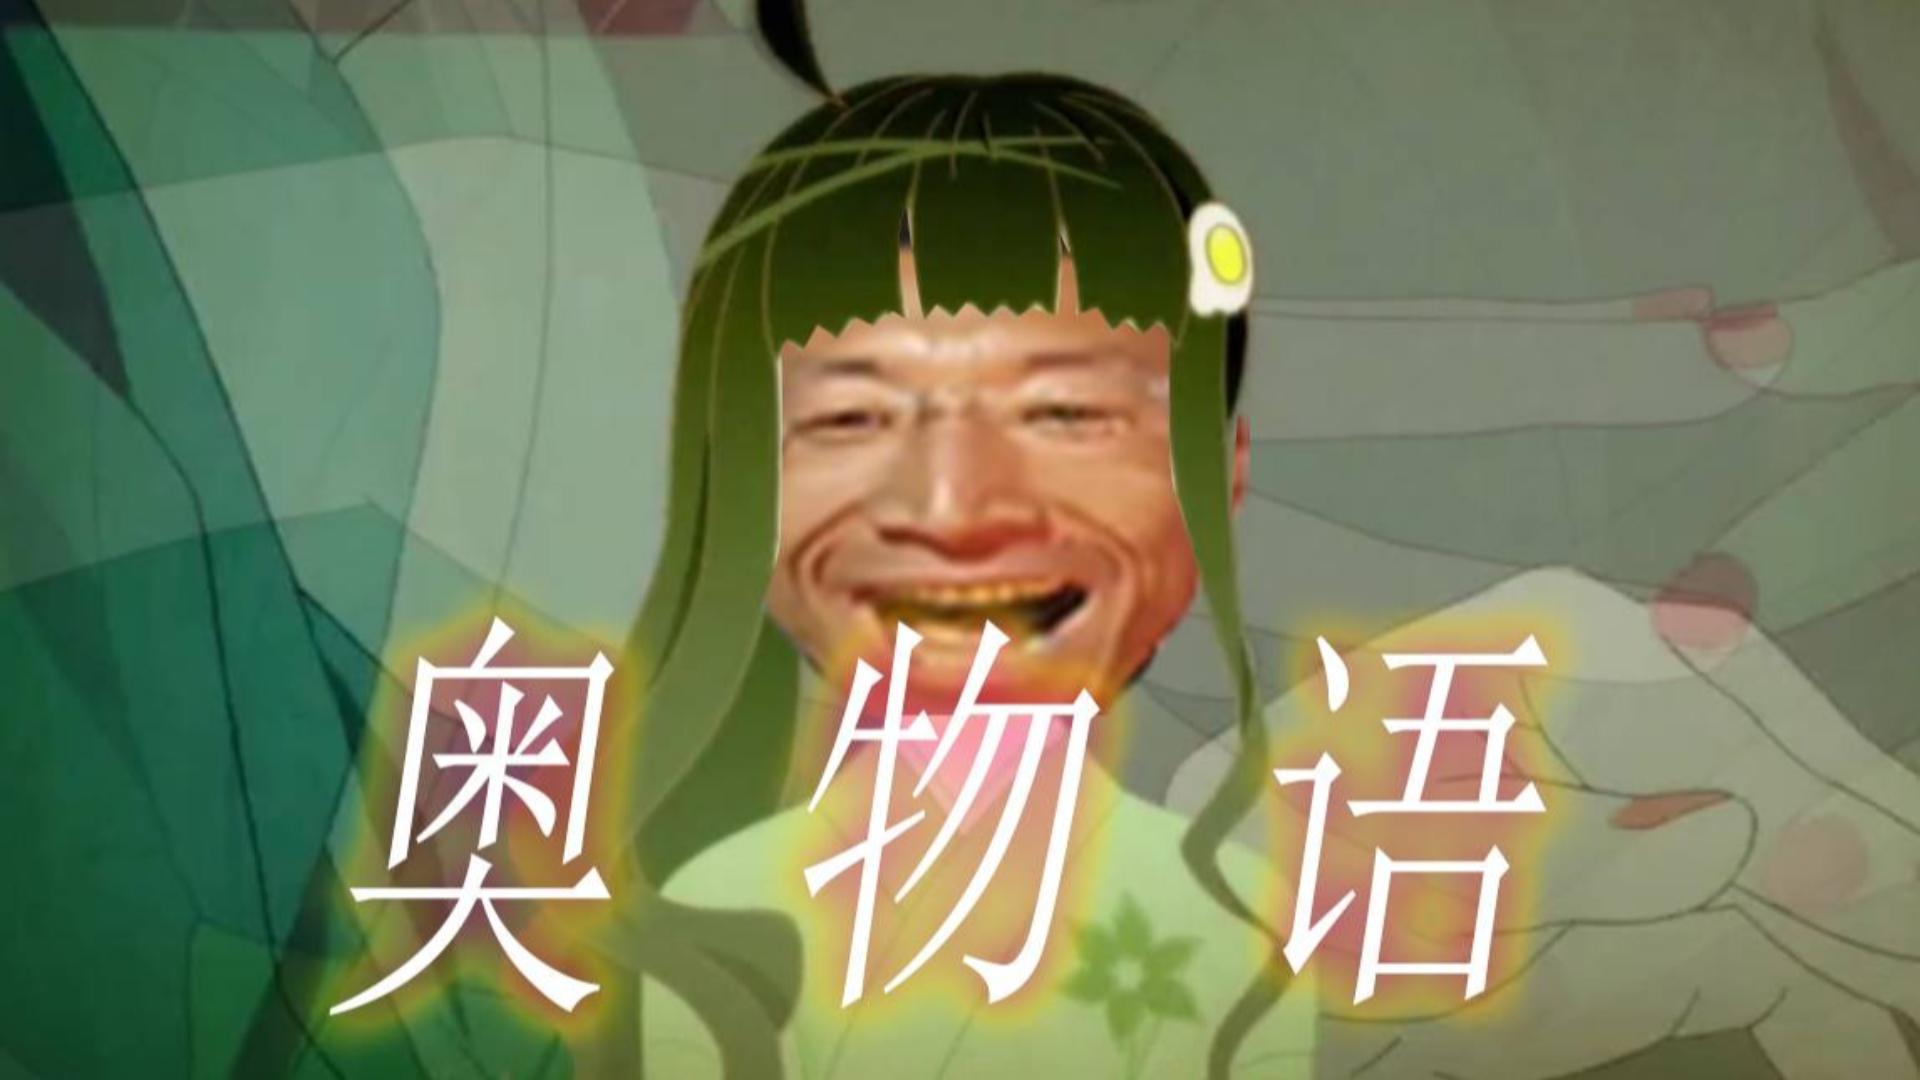 【奥利给】白金disco